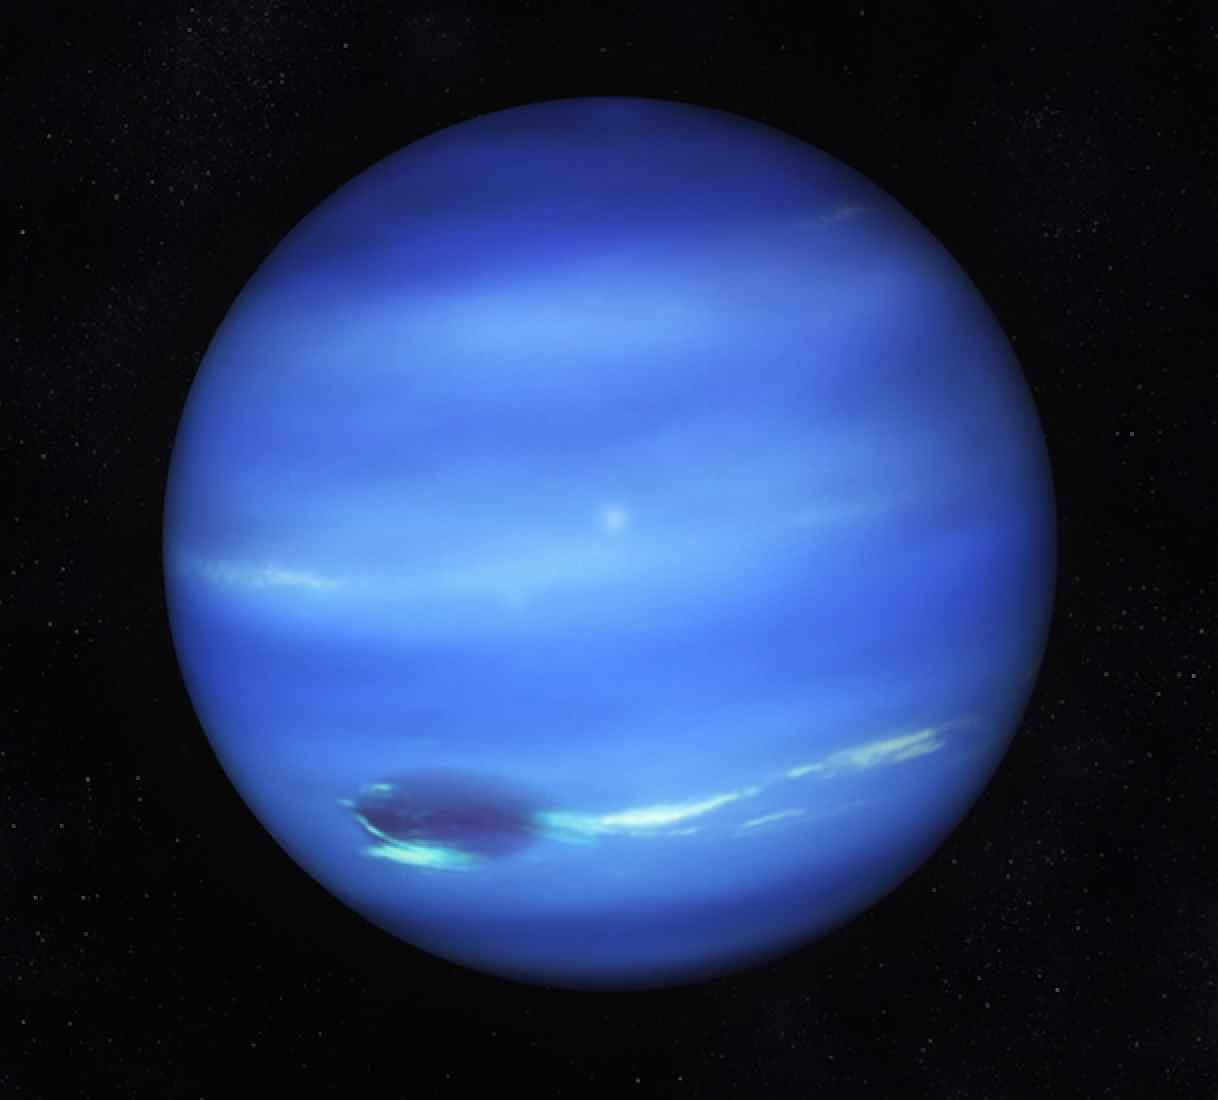 Les oscillations du Soleil se réflètent sur la planète Neptune